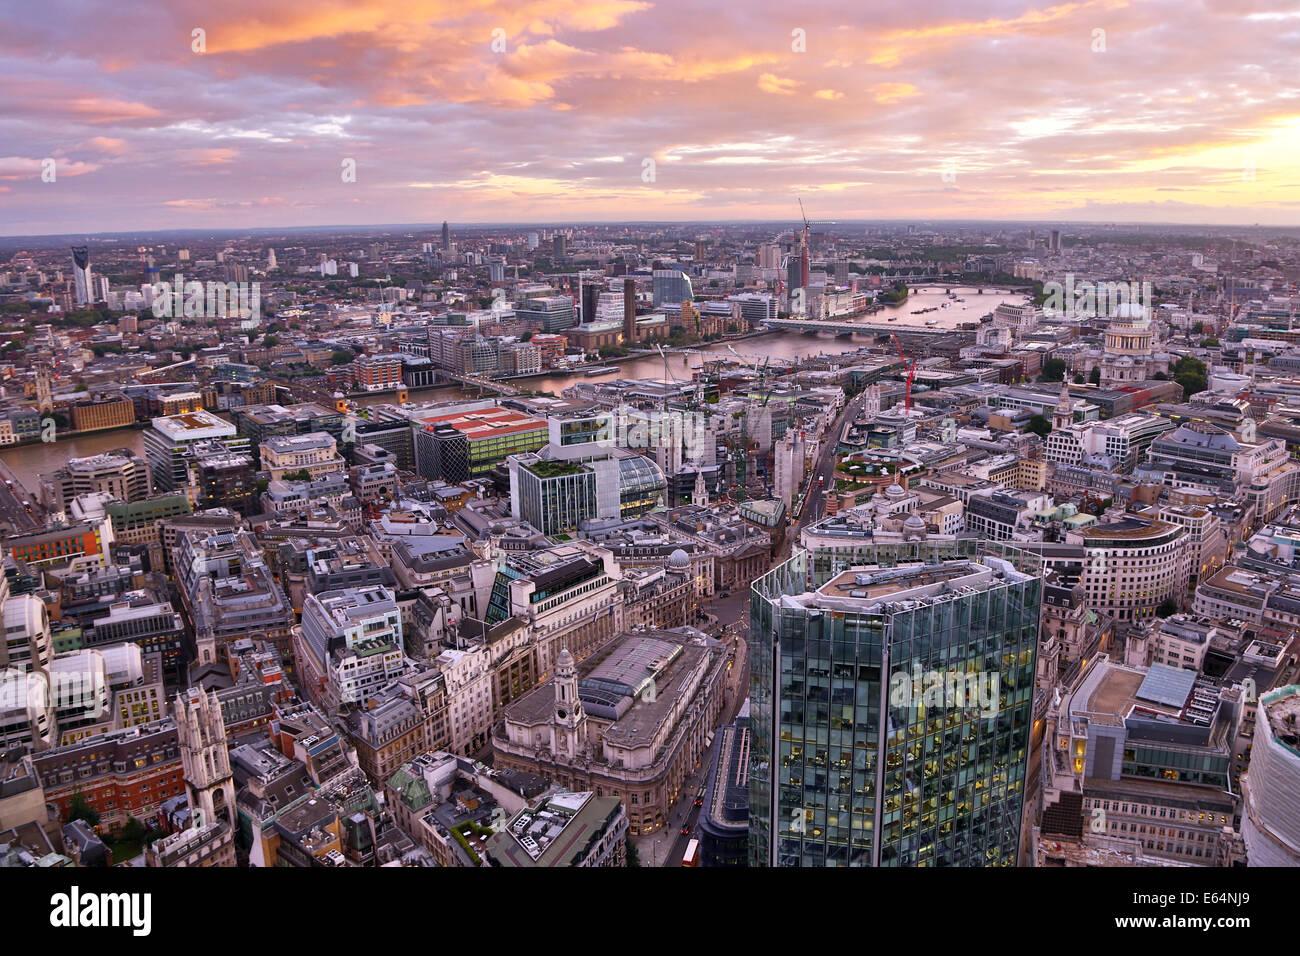 Vue générale des bâtiments de la ville au crépuscule à Londres, Angleterre Photo Stock